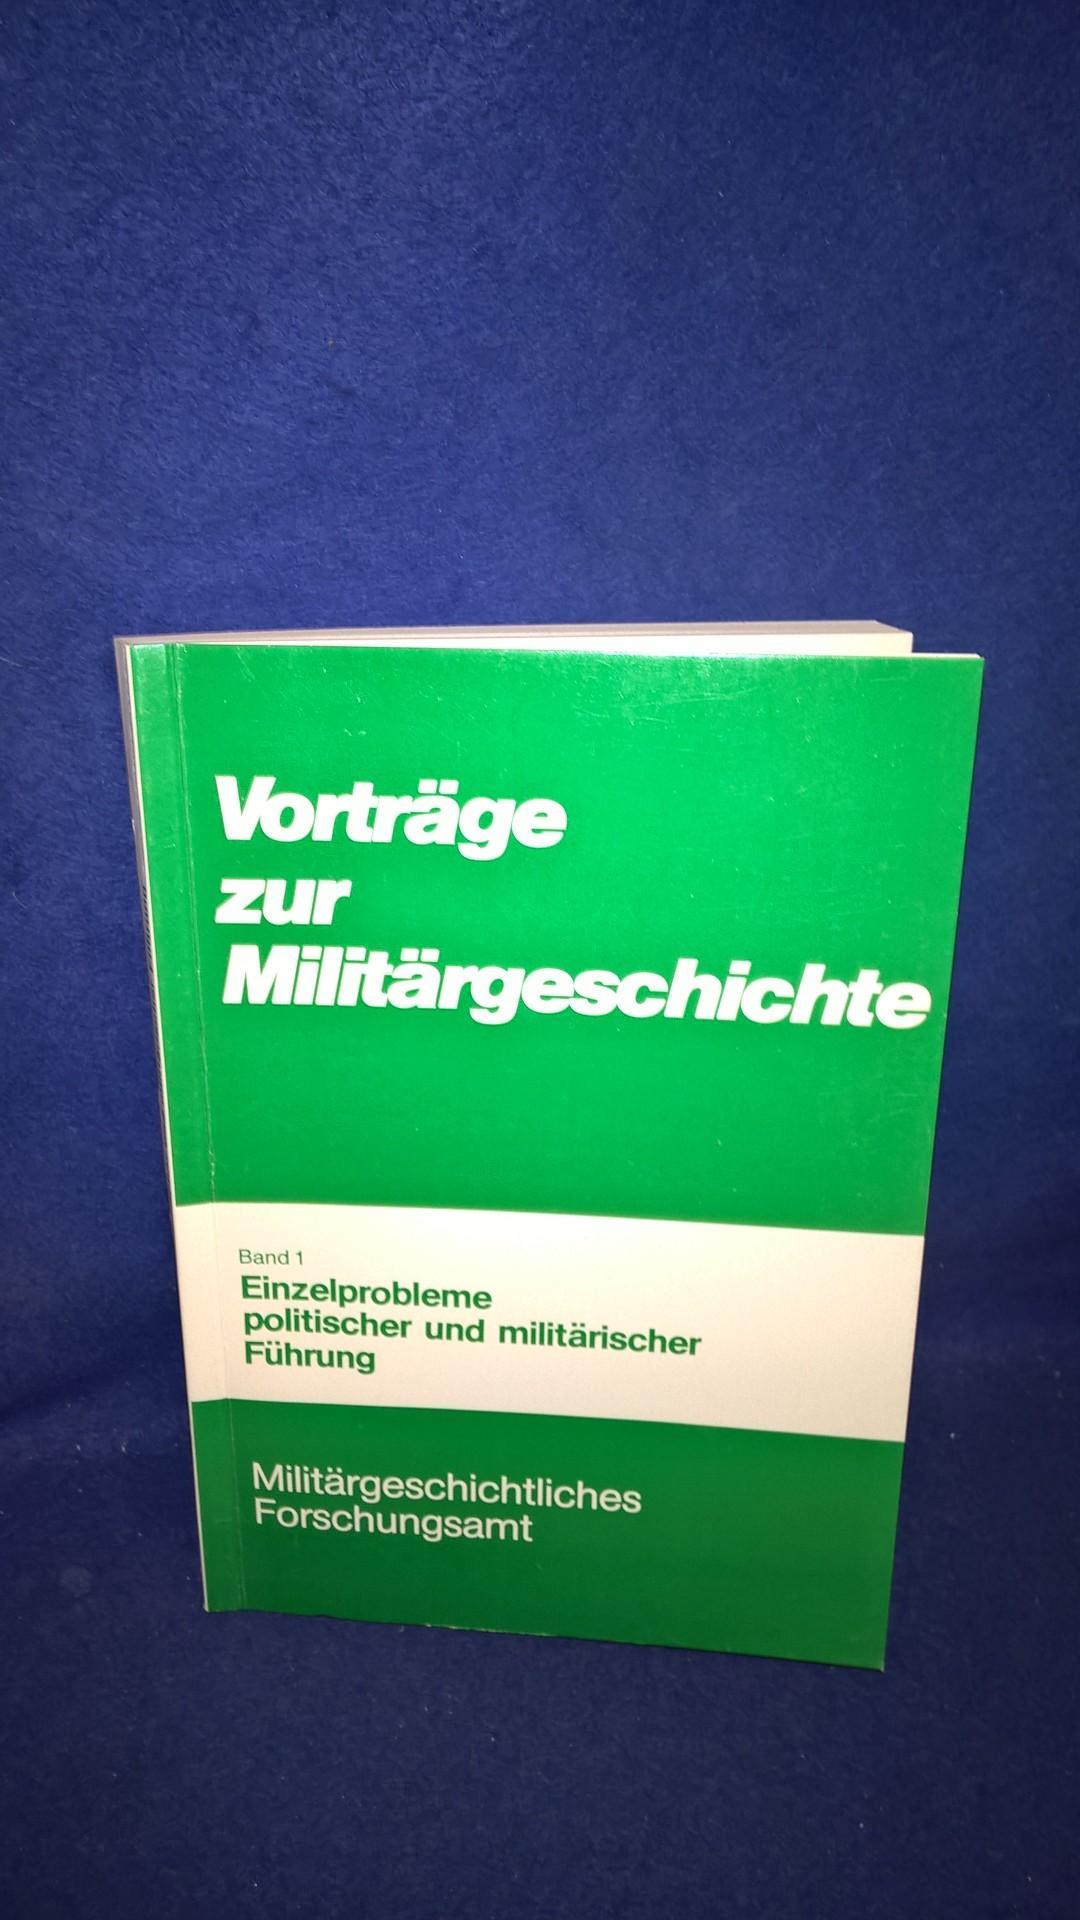 Vorträge zur Militärgeschichte. Band 1: Einzelprobleme politischer und militärischer Führung